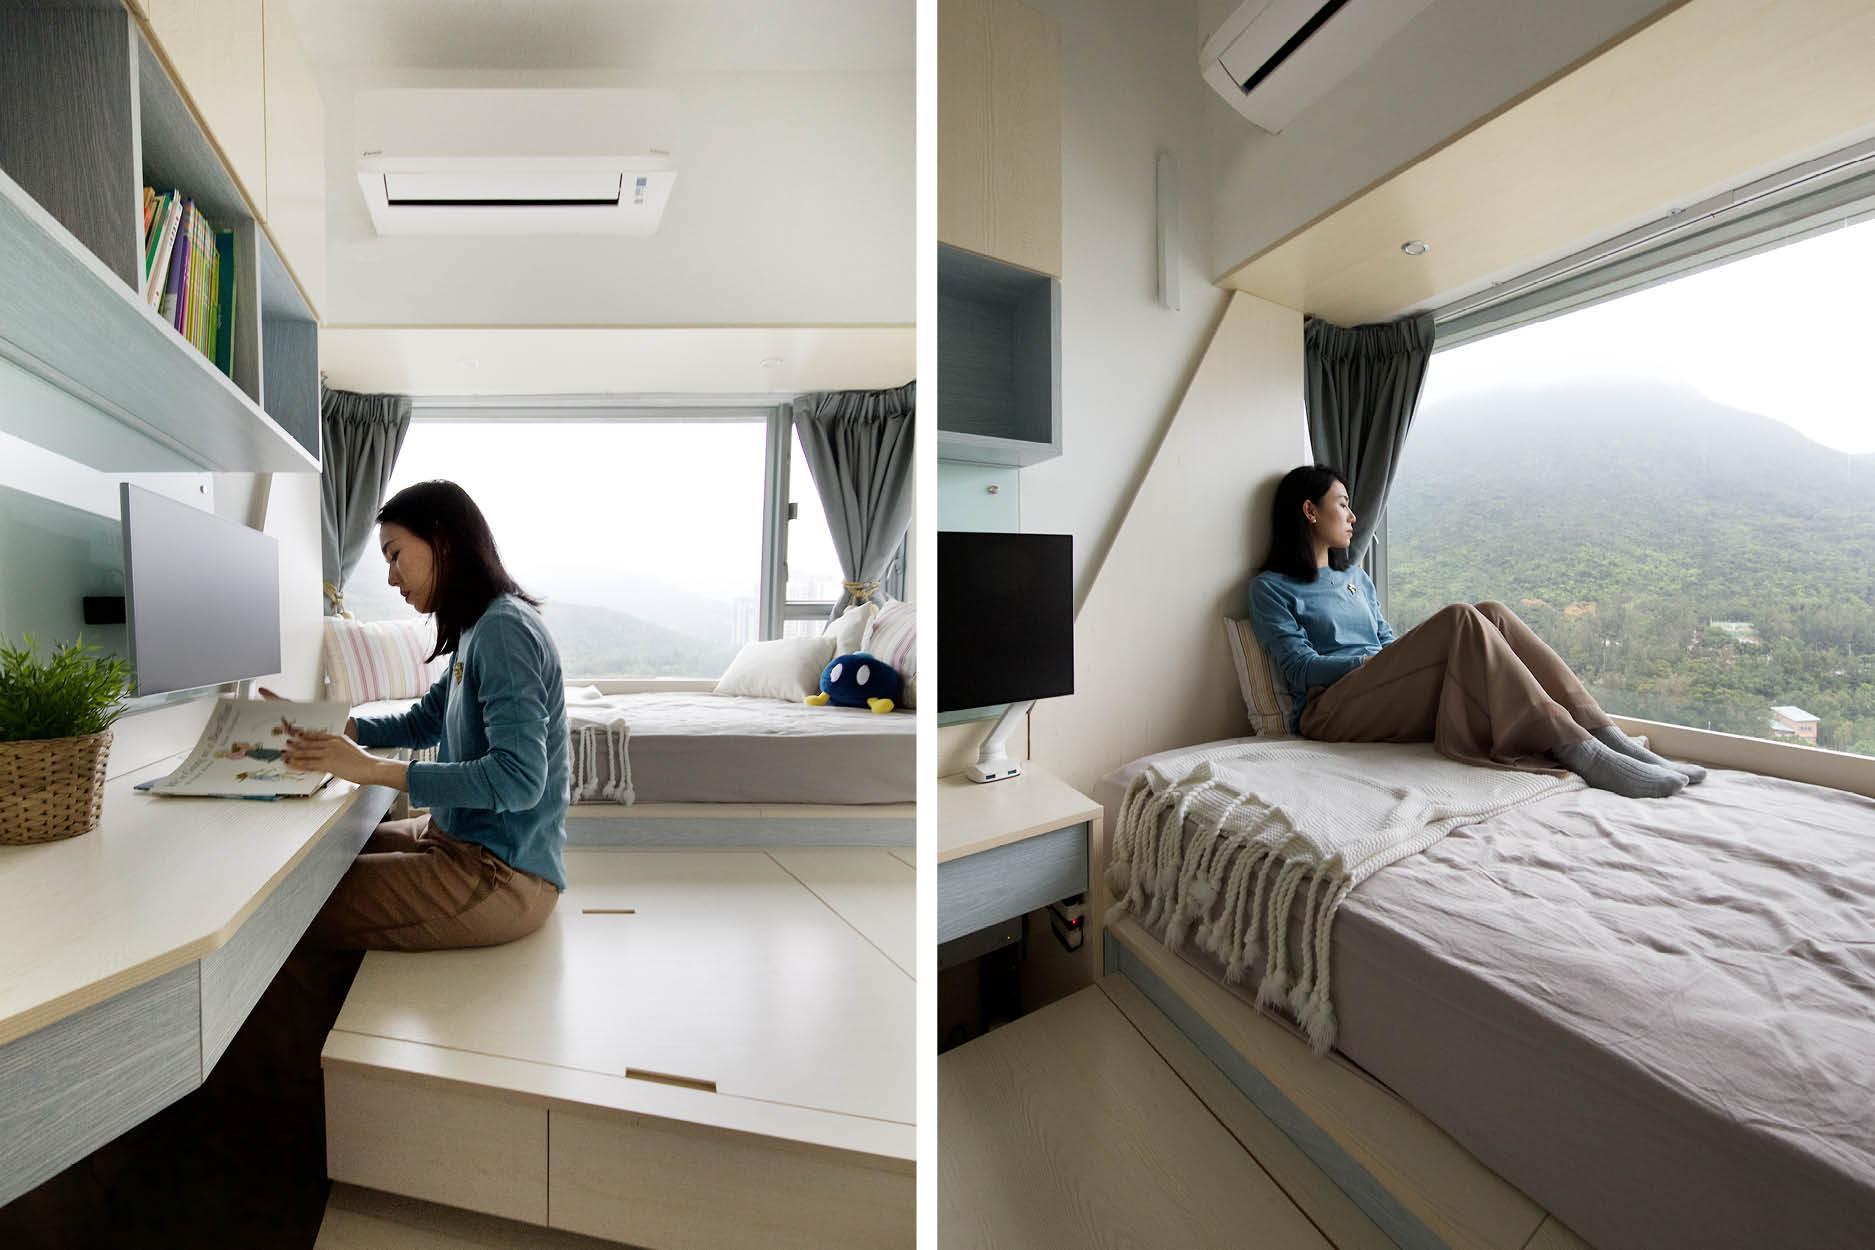 Căn hộ 45m² với mẹo bố trí hợp phong thủy giúp không gian thêm vượng khí, vợ chồng thêm thuận hòa  - Ảnh 18.